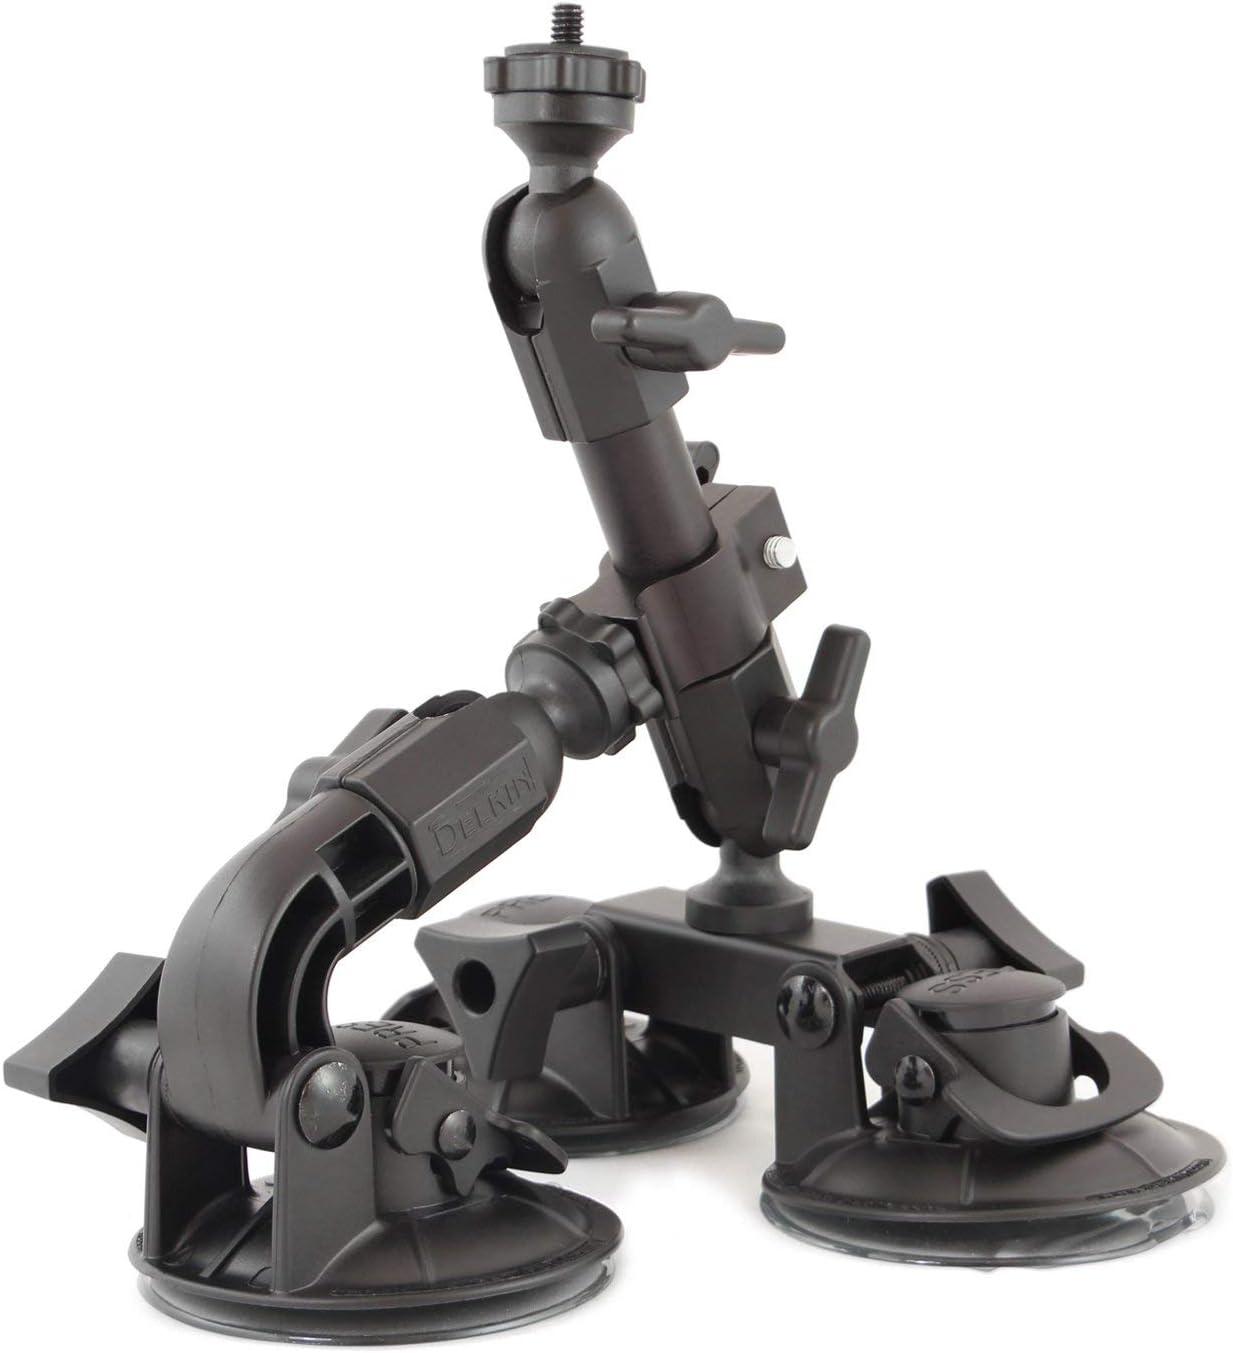 デルキン Fat Gecko 3点支持マウント 吸盤式カメラマウント DDFG-TRIPLE